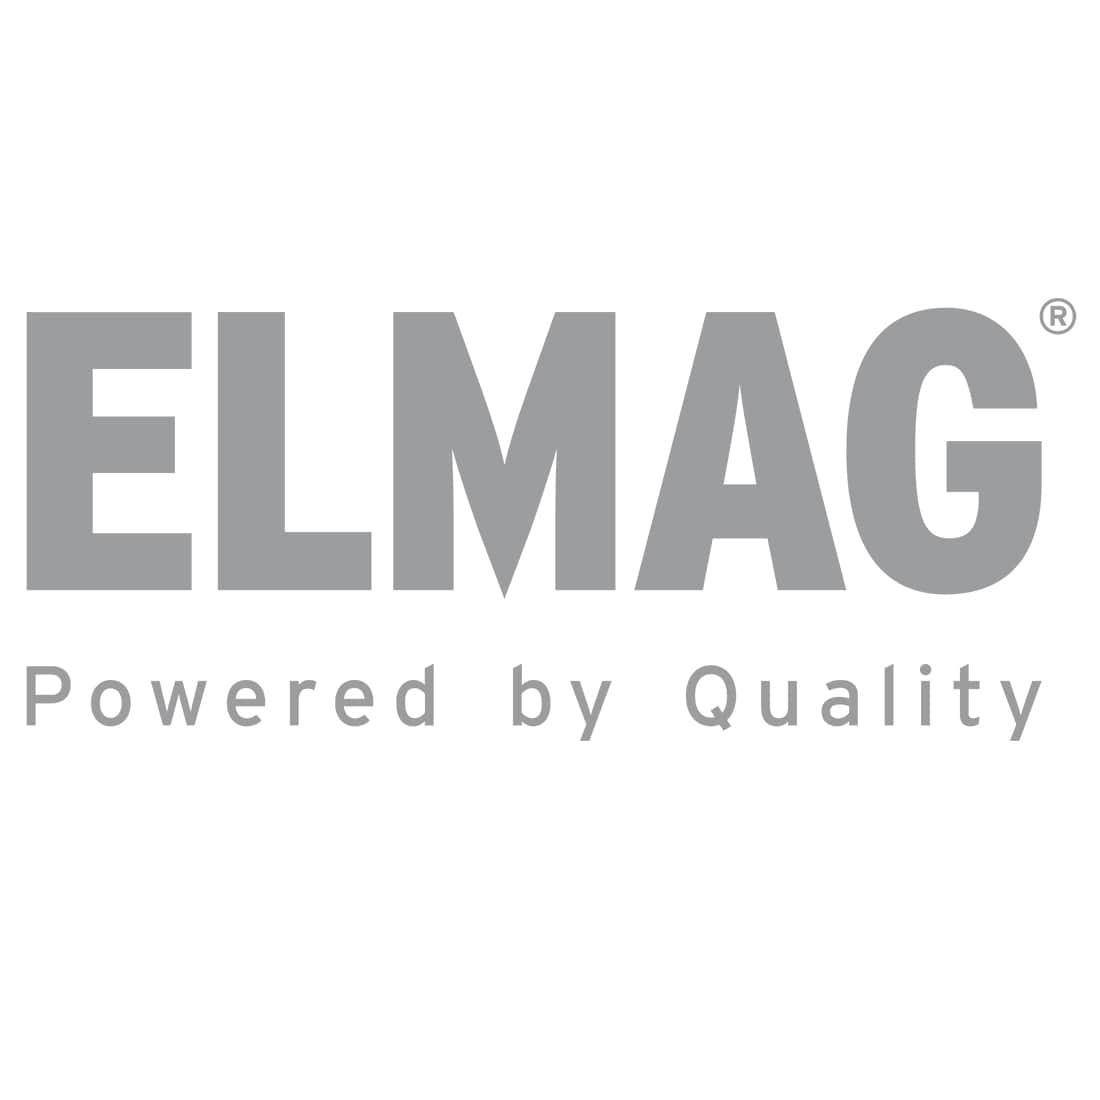 Spannungs- und 3xStromstärkemessgerät mit Umschalter 3x400Volt